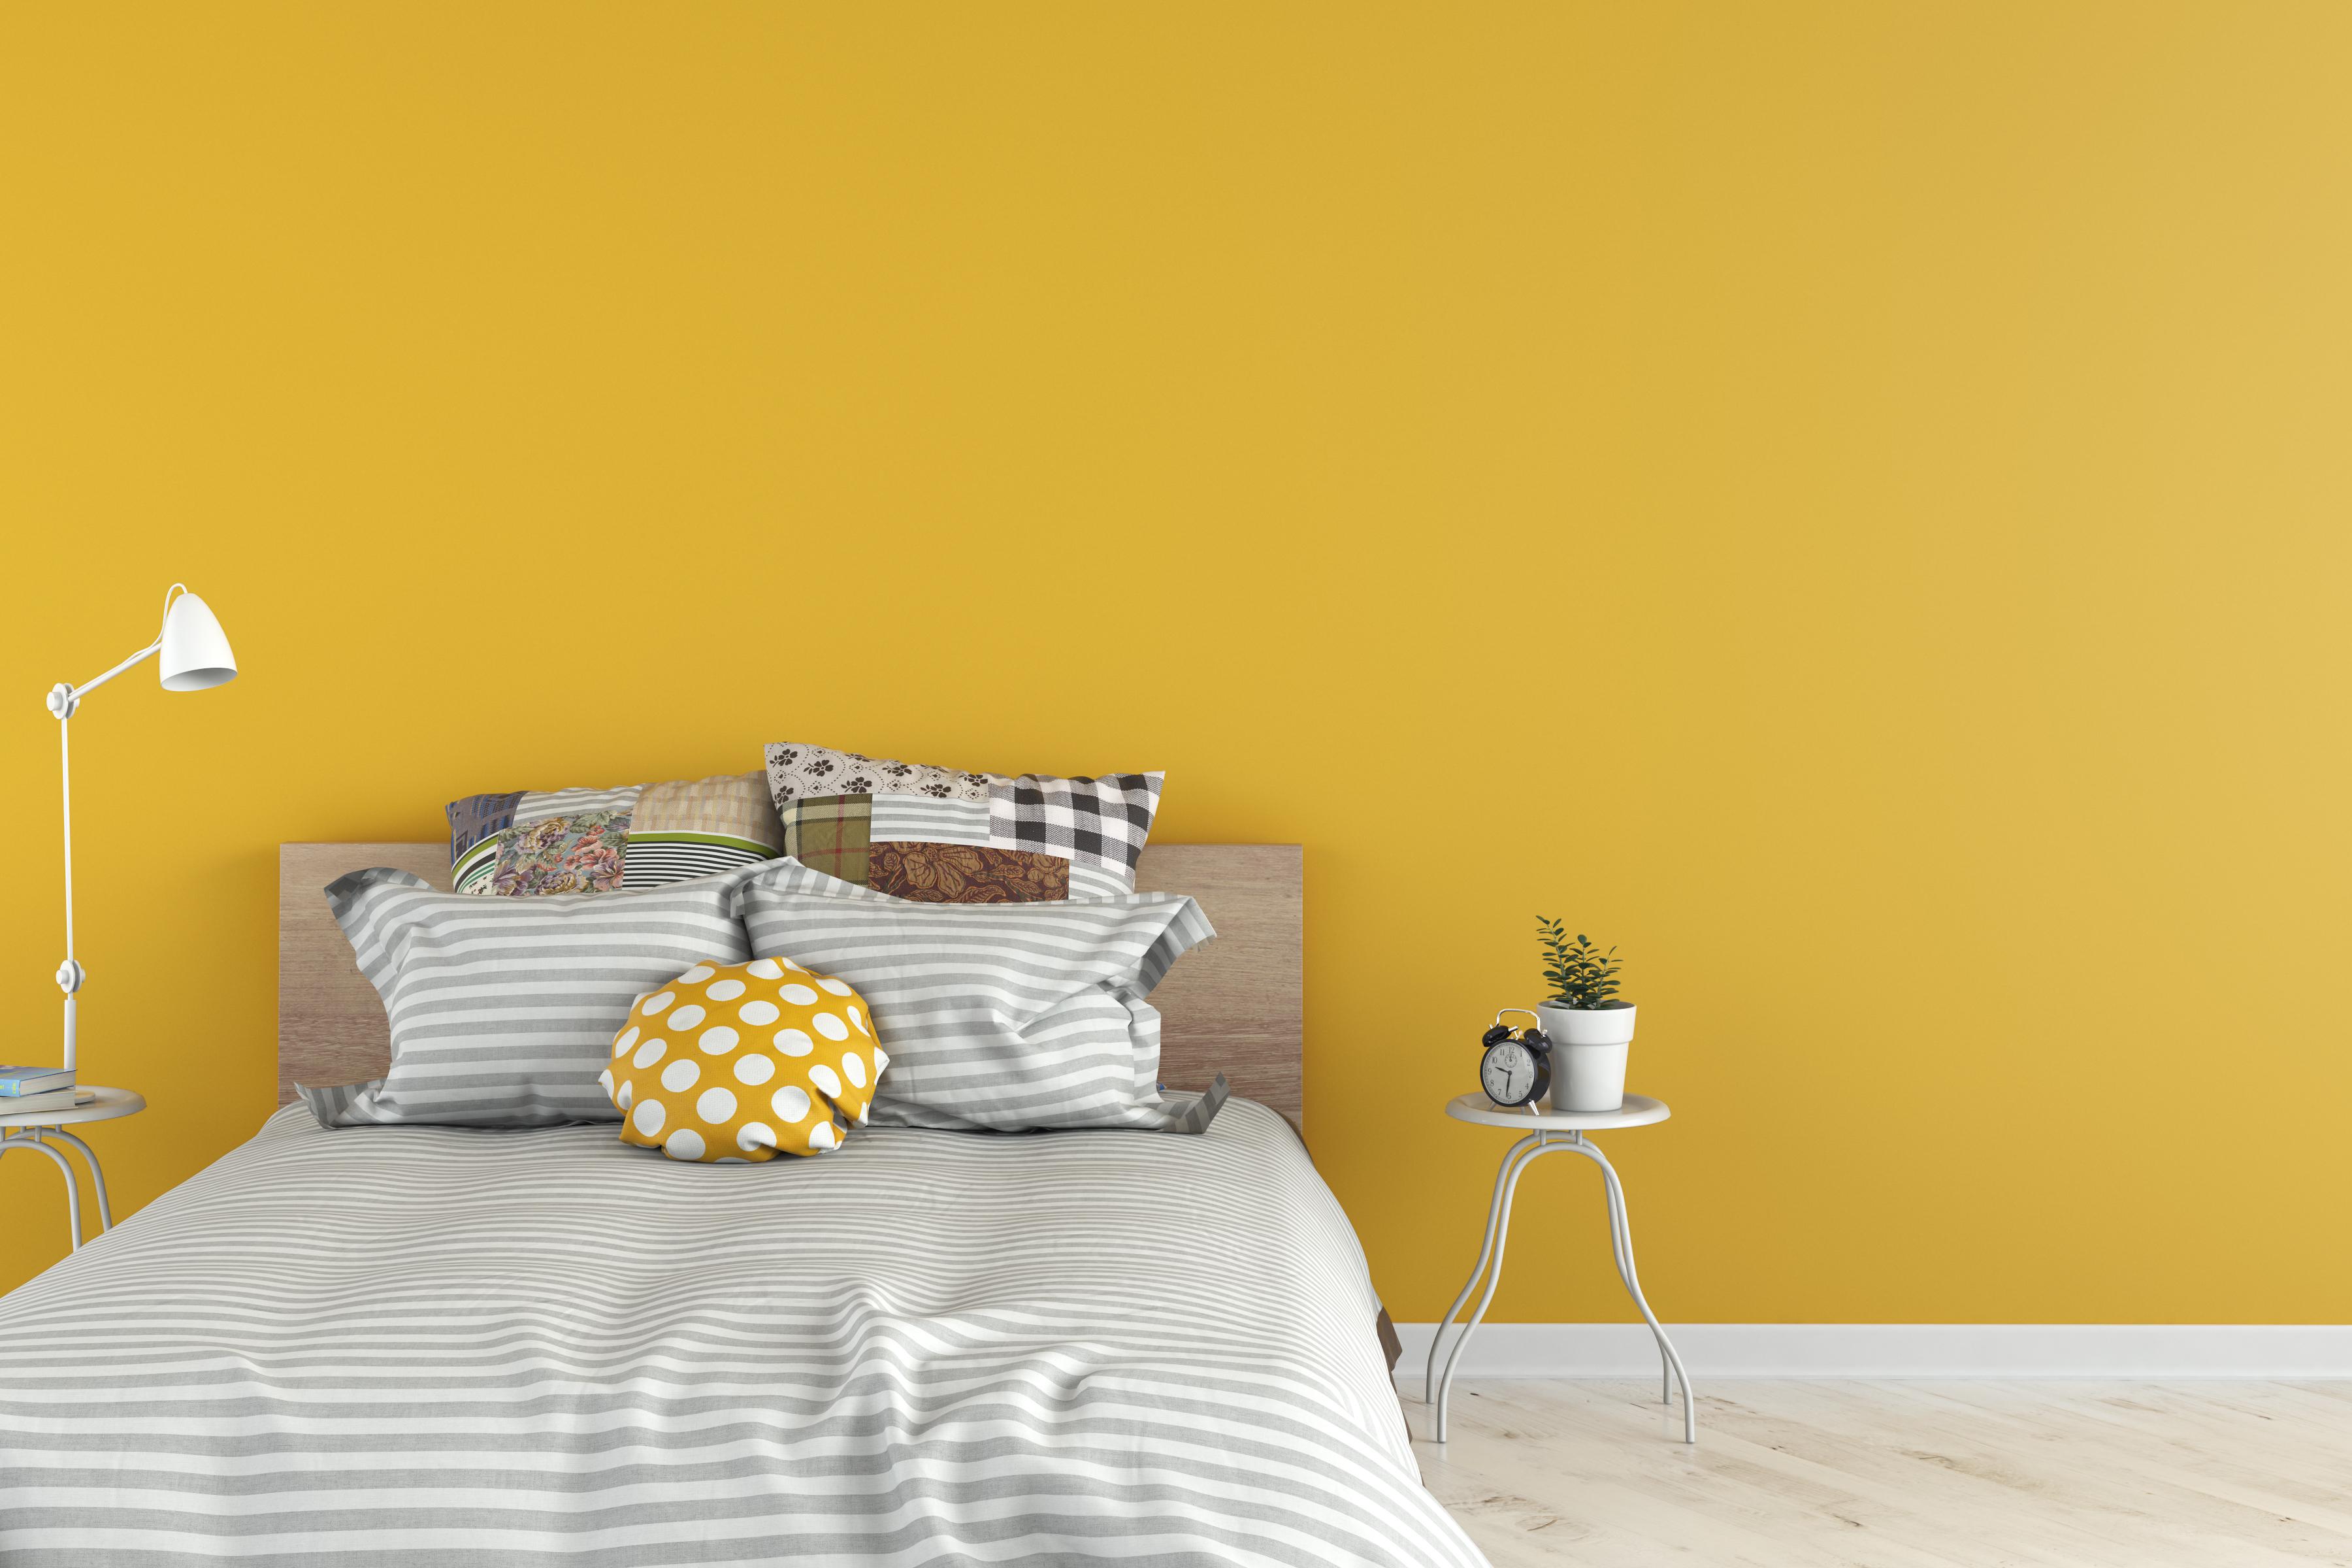 <p><strong>Жълто.</strong> Жълтият цвят обикновено се асоциира със светлината и слънцето. И въпреки че този оптимистичен цвят е отличен за началото на деня, вероятността да затрудни заспиването вечерно време е много голяма.</p>